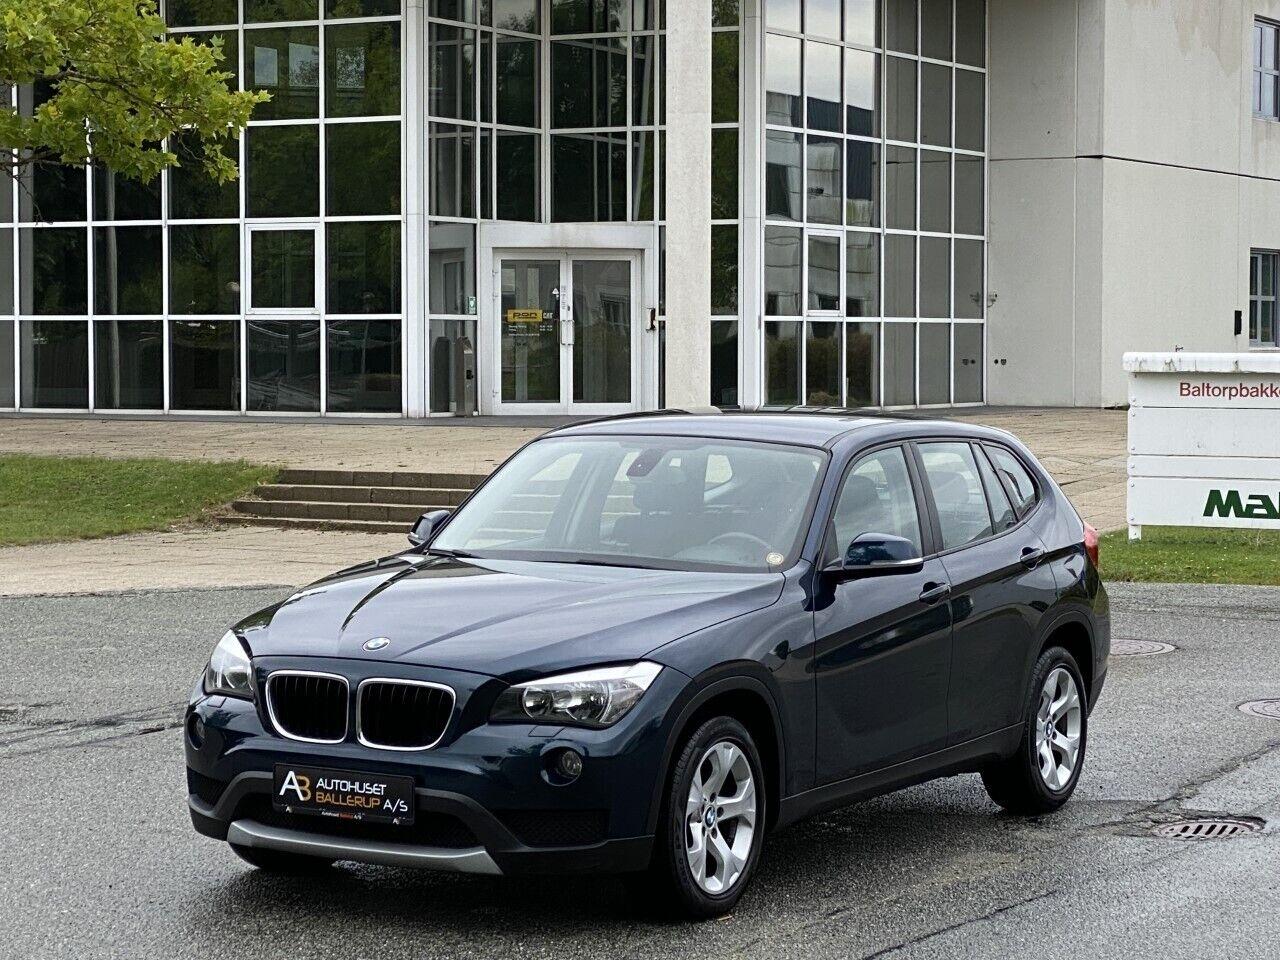 BMW X1 2,0 sDrive18d aut. 5d - 149.800 kr.